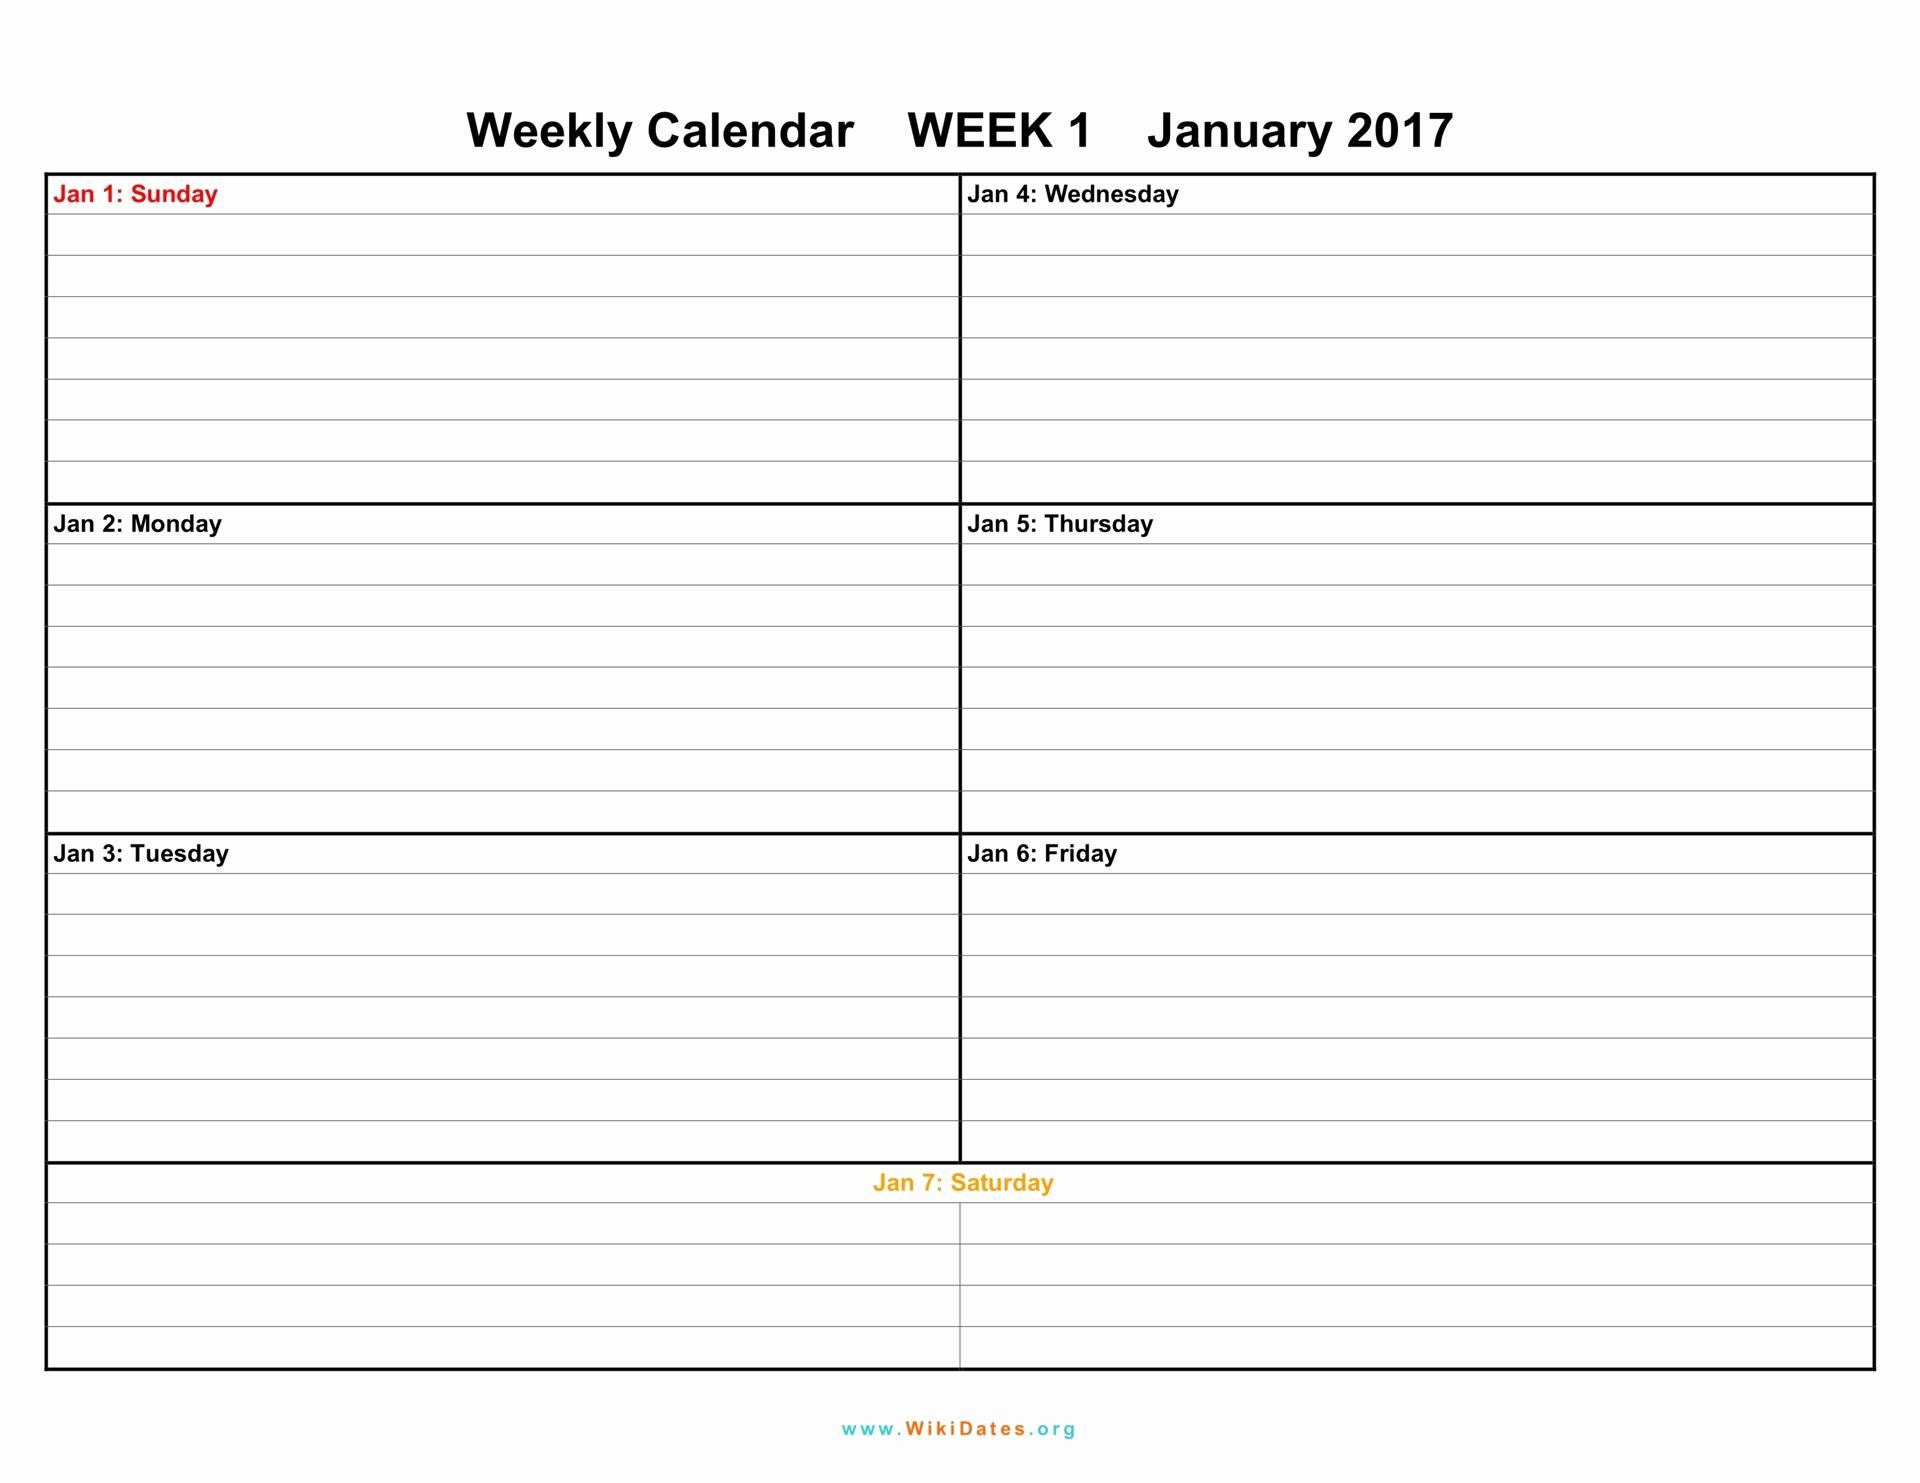 Weekly Planner Template Pdf Elegant Weekly Calendar Download Weekly Calendar 2017 and 2018